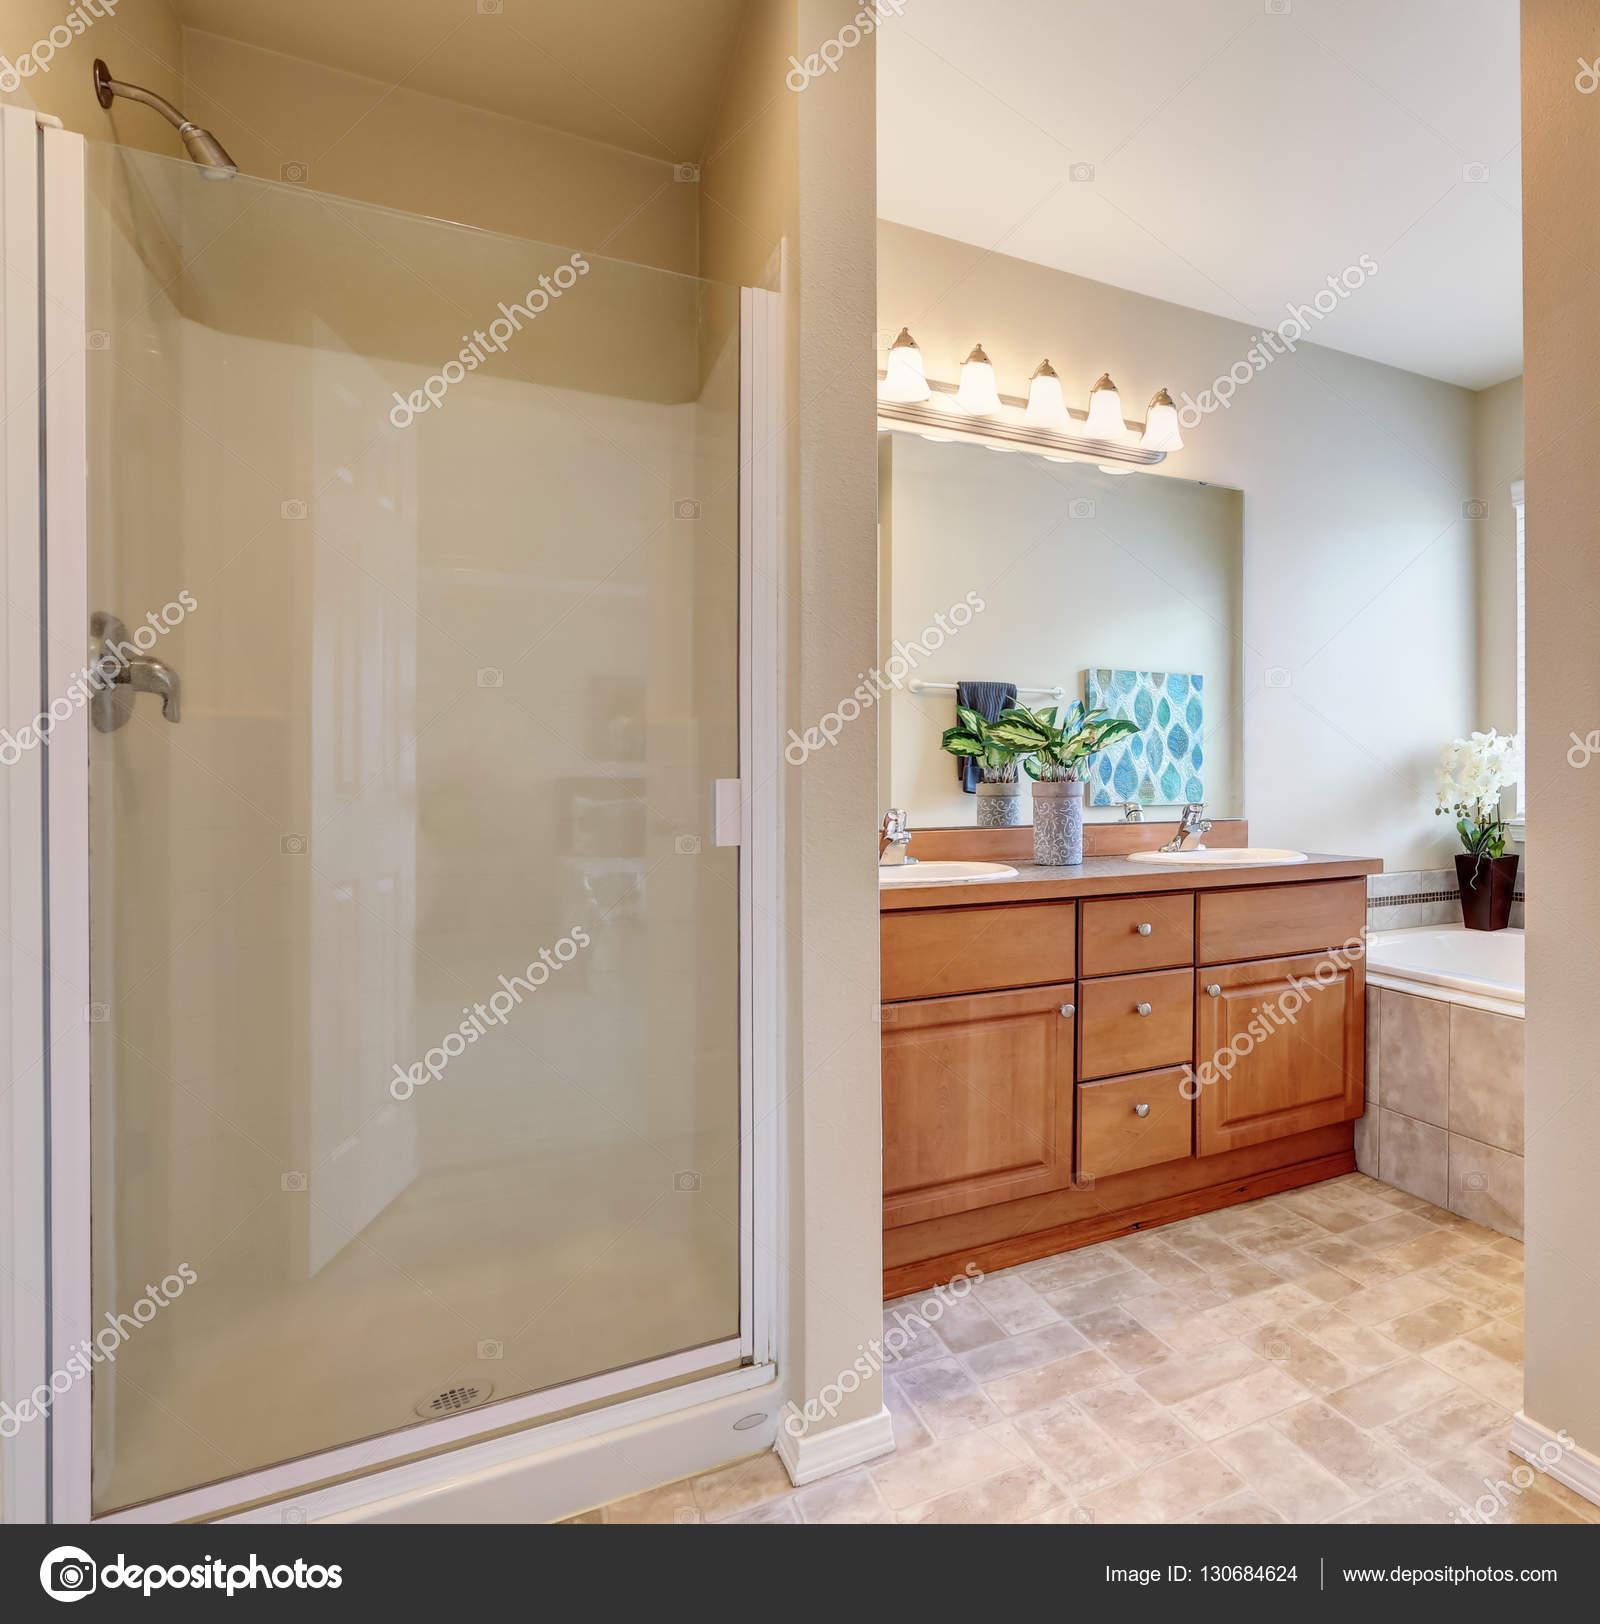 Badezimmer Einrichtung mit Dusche und Badewanne — Stockfoto ...